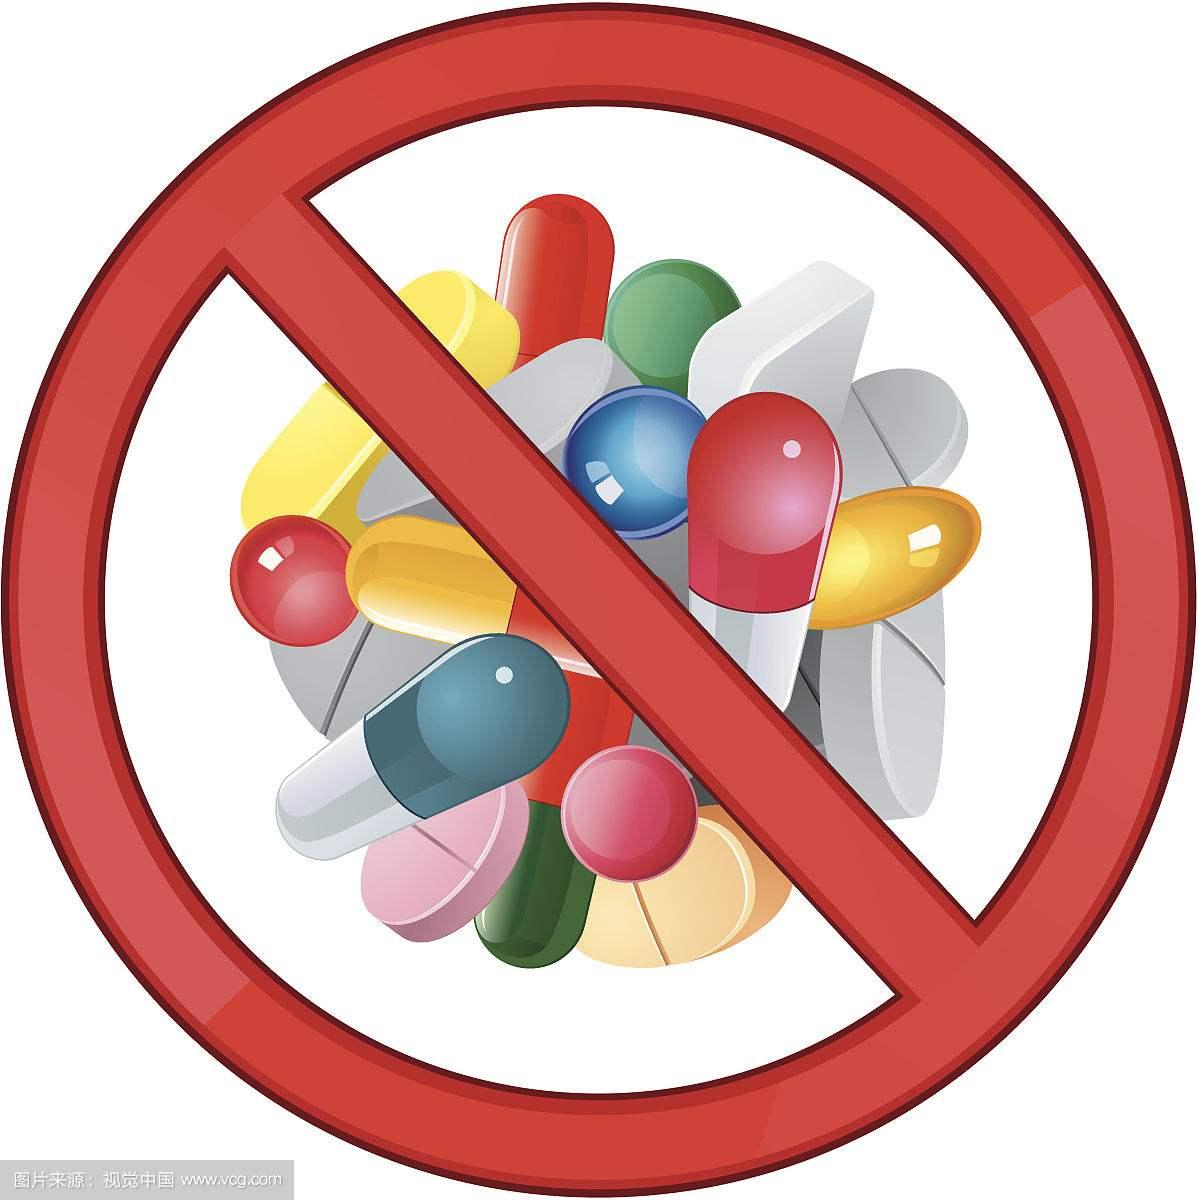 68.1%受访者表示清楚自己的禁用药